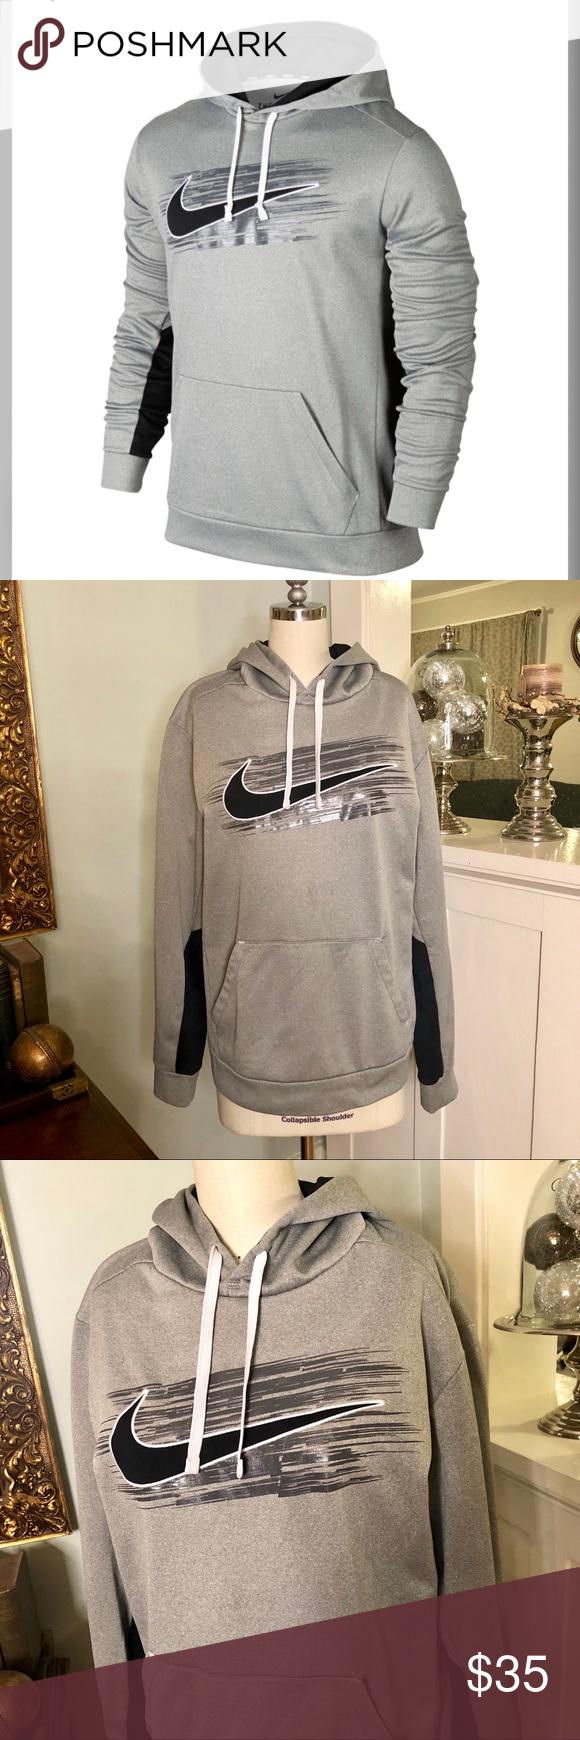 Men S Nike Swoosh Therma Fit Gray Hoodie Pullover Grey Hoodie Black Sweatshirt Hoodie Grey Black Hoodie [ 1740 x 580 Pixel ]